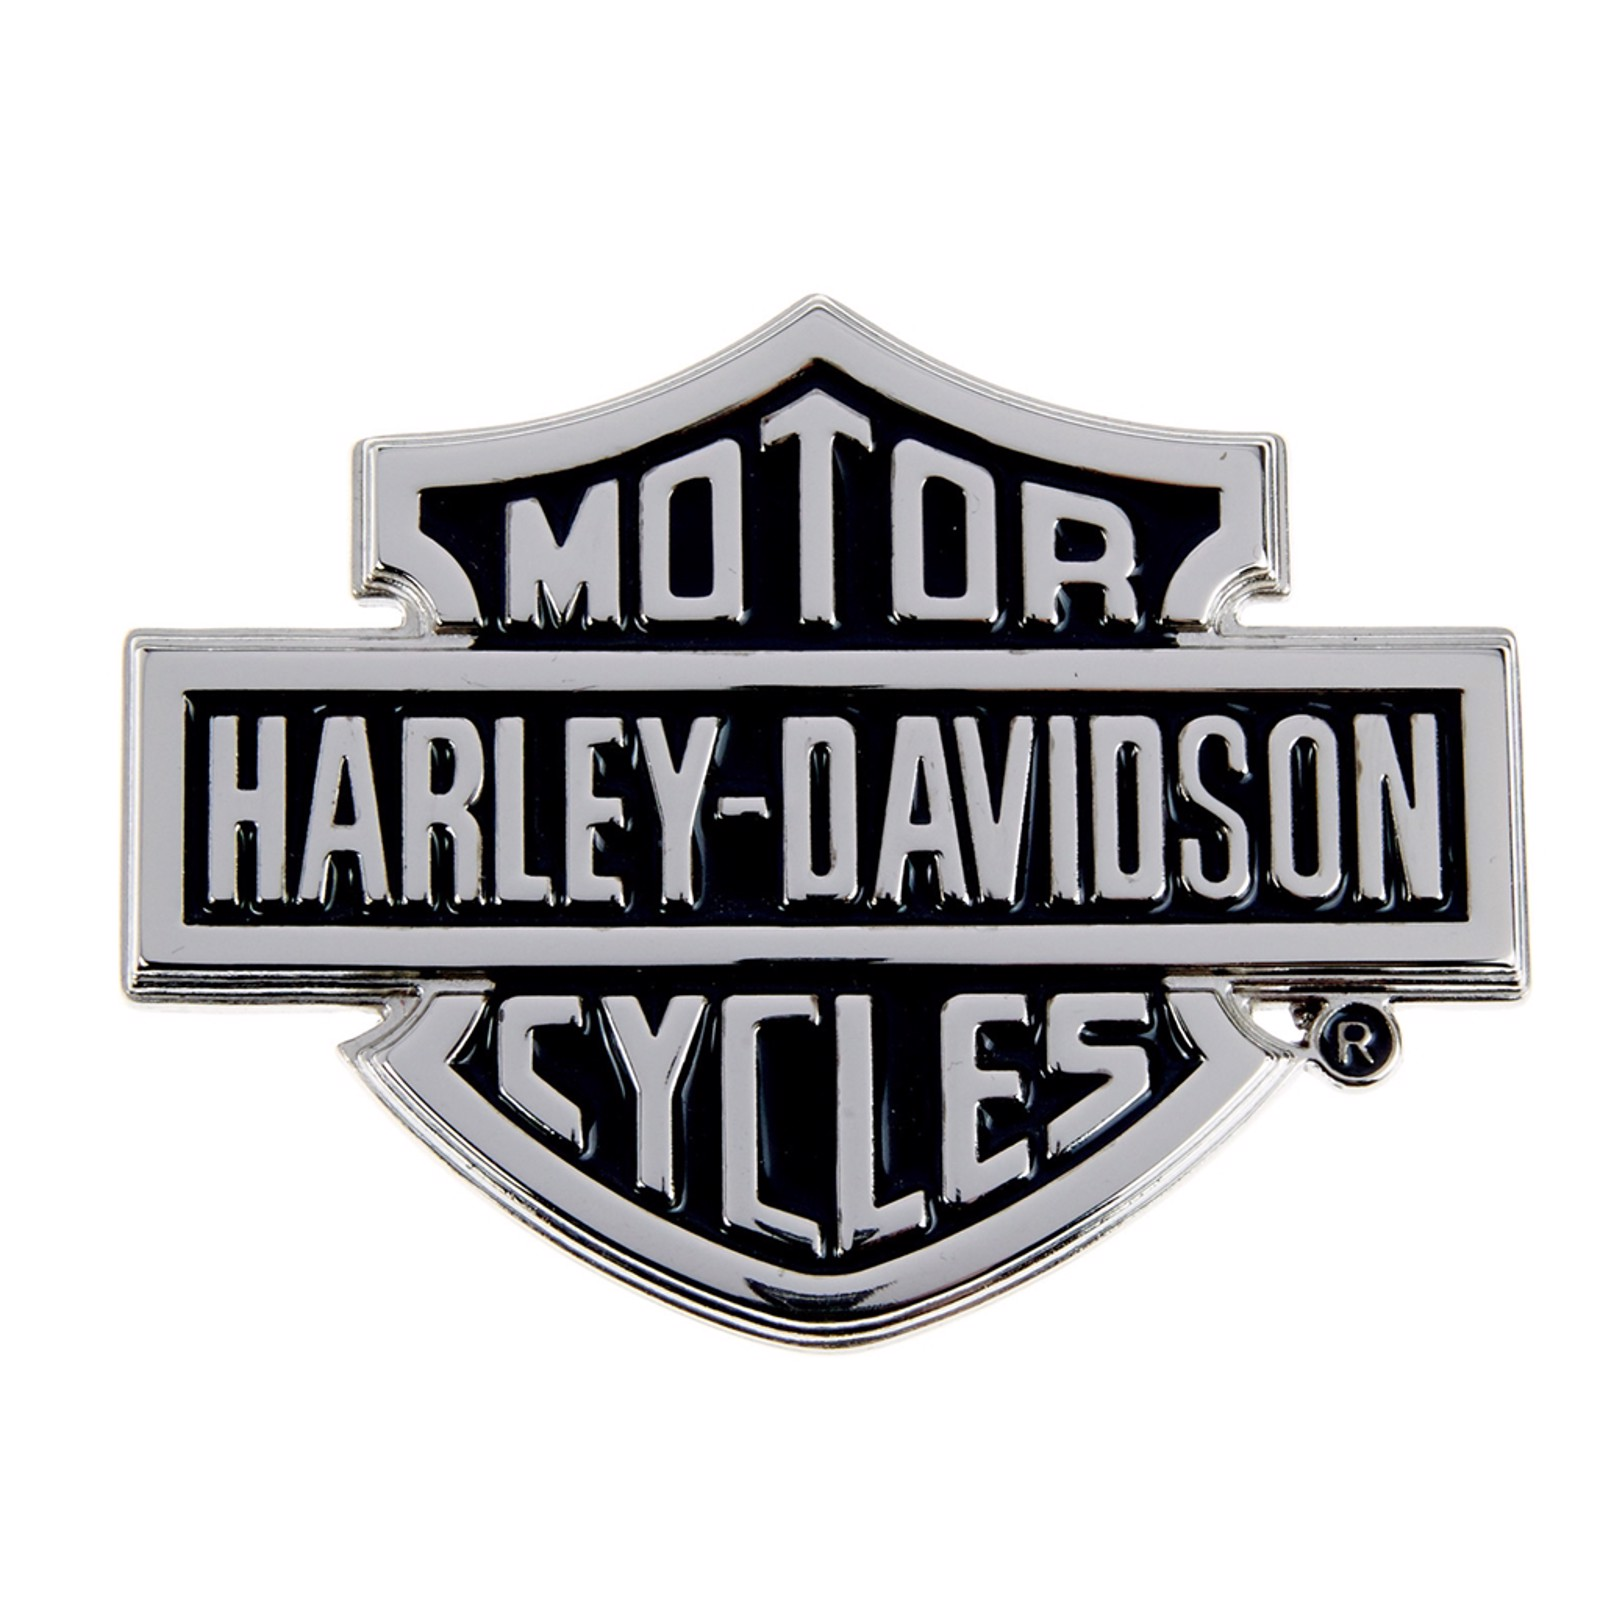 HARLEY-DAVIDSON Herren G/ürtelschnalle Metall H/örner-und Sch/ädeldesign 10,16x7cm